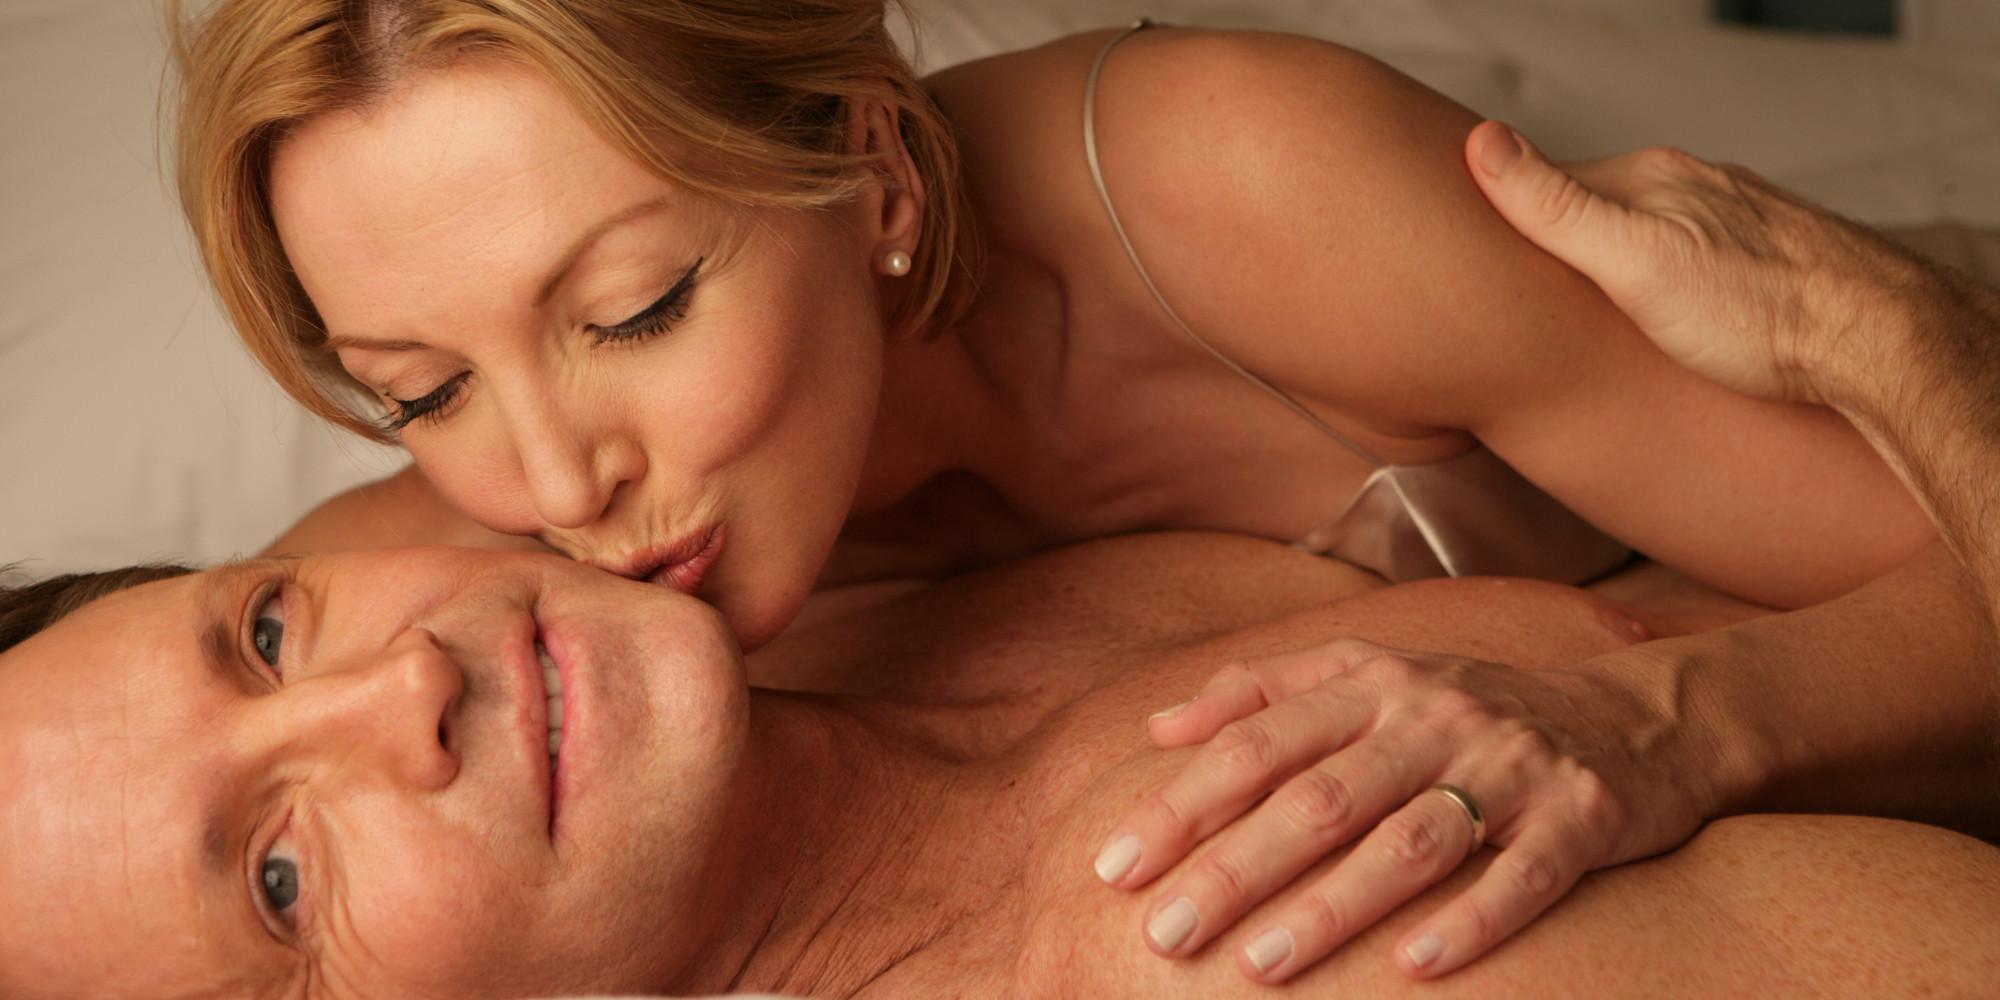 Почему мужчины нравиться оральный секс 6 фотография